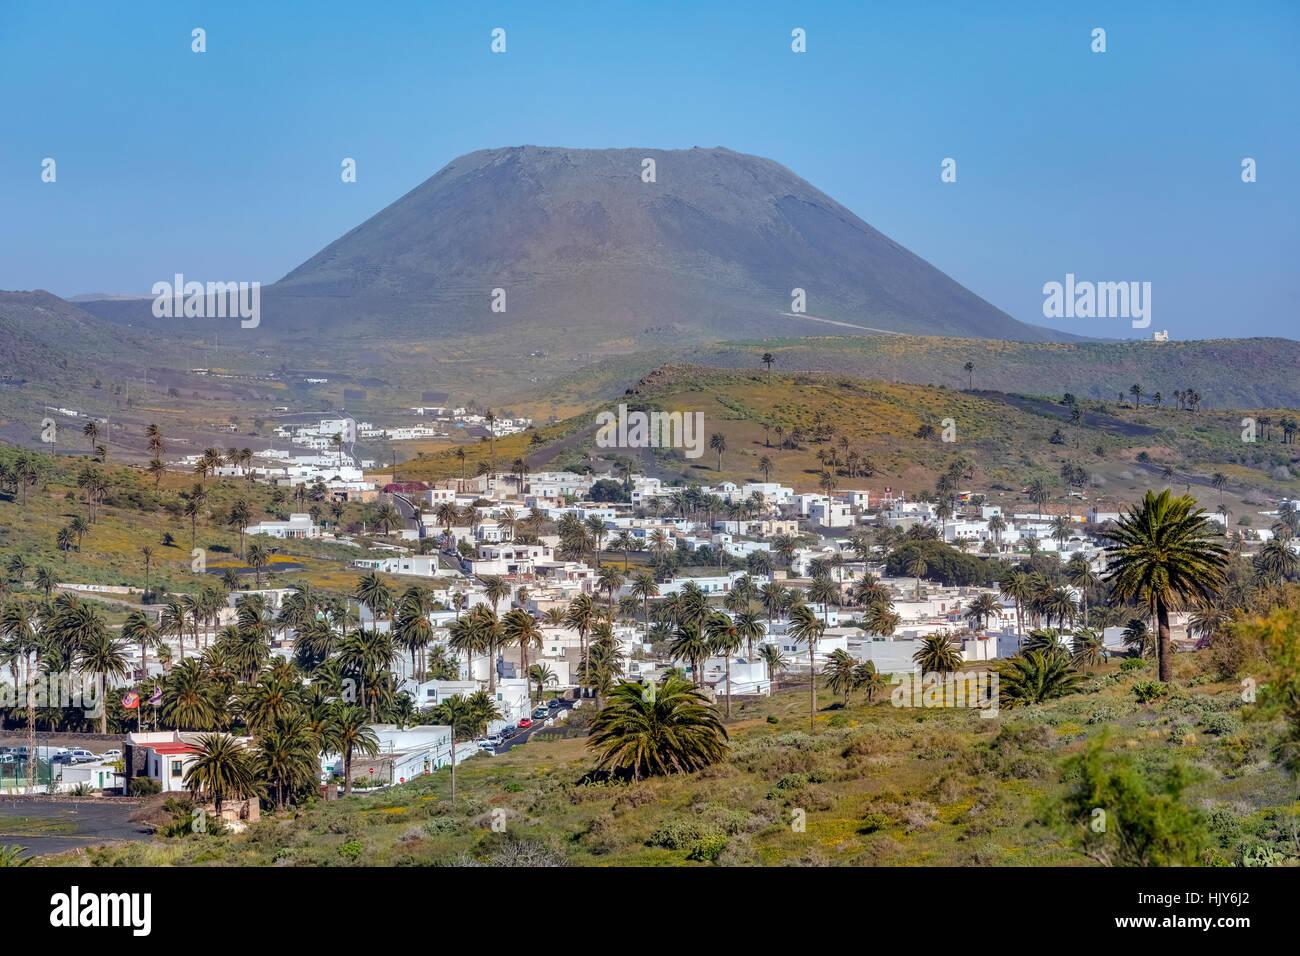 Haria, Tal der 1000 Palmen, Lanzarote, Kanarische Inseln, Spanien Stockbild